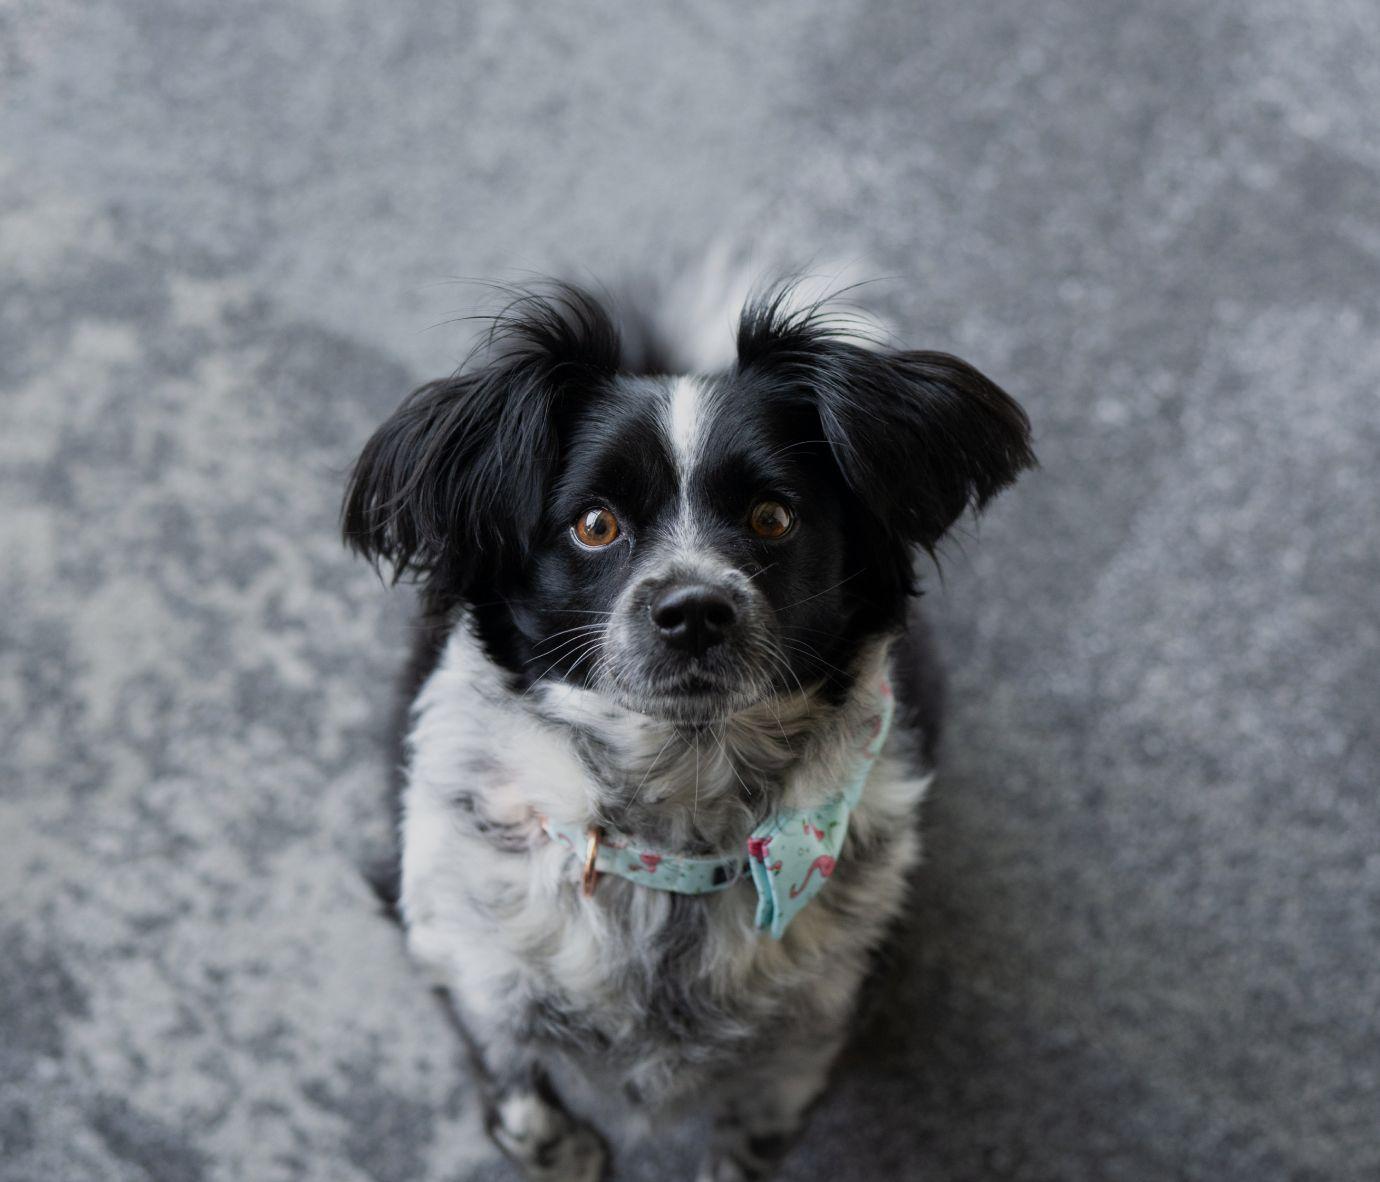 Dexter, April Lueben's Pup